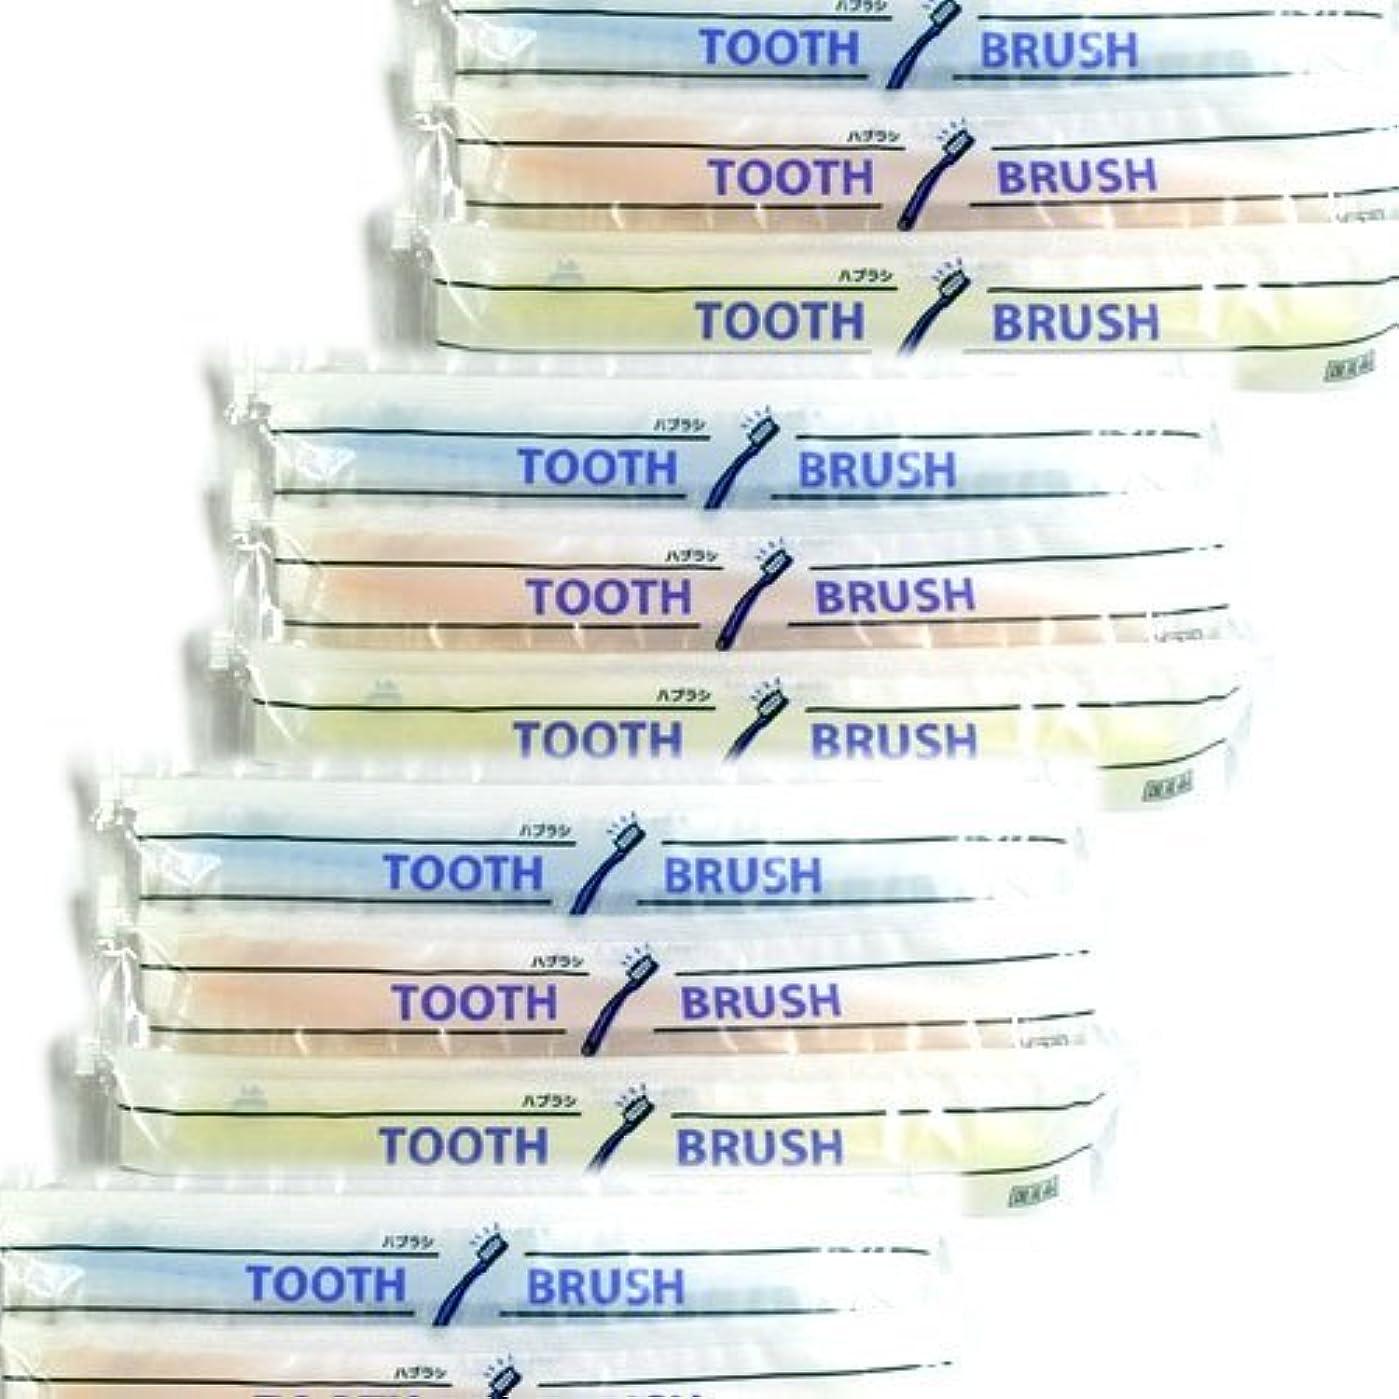 ドライブ定義するたとえホテルアメニティ 業務用 使い捨て(インスタント) 粉付き歯ブラシ × 1000個セット